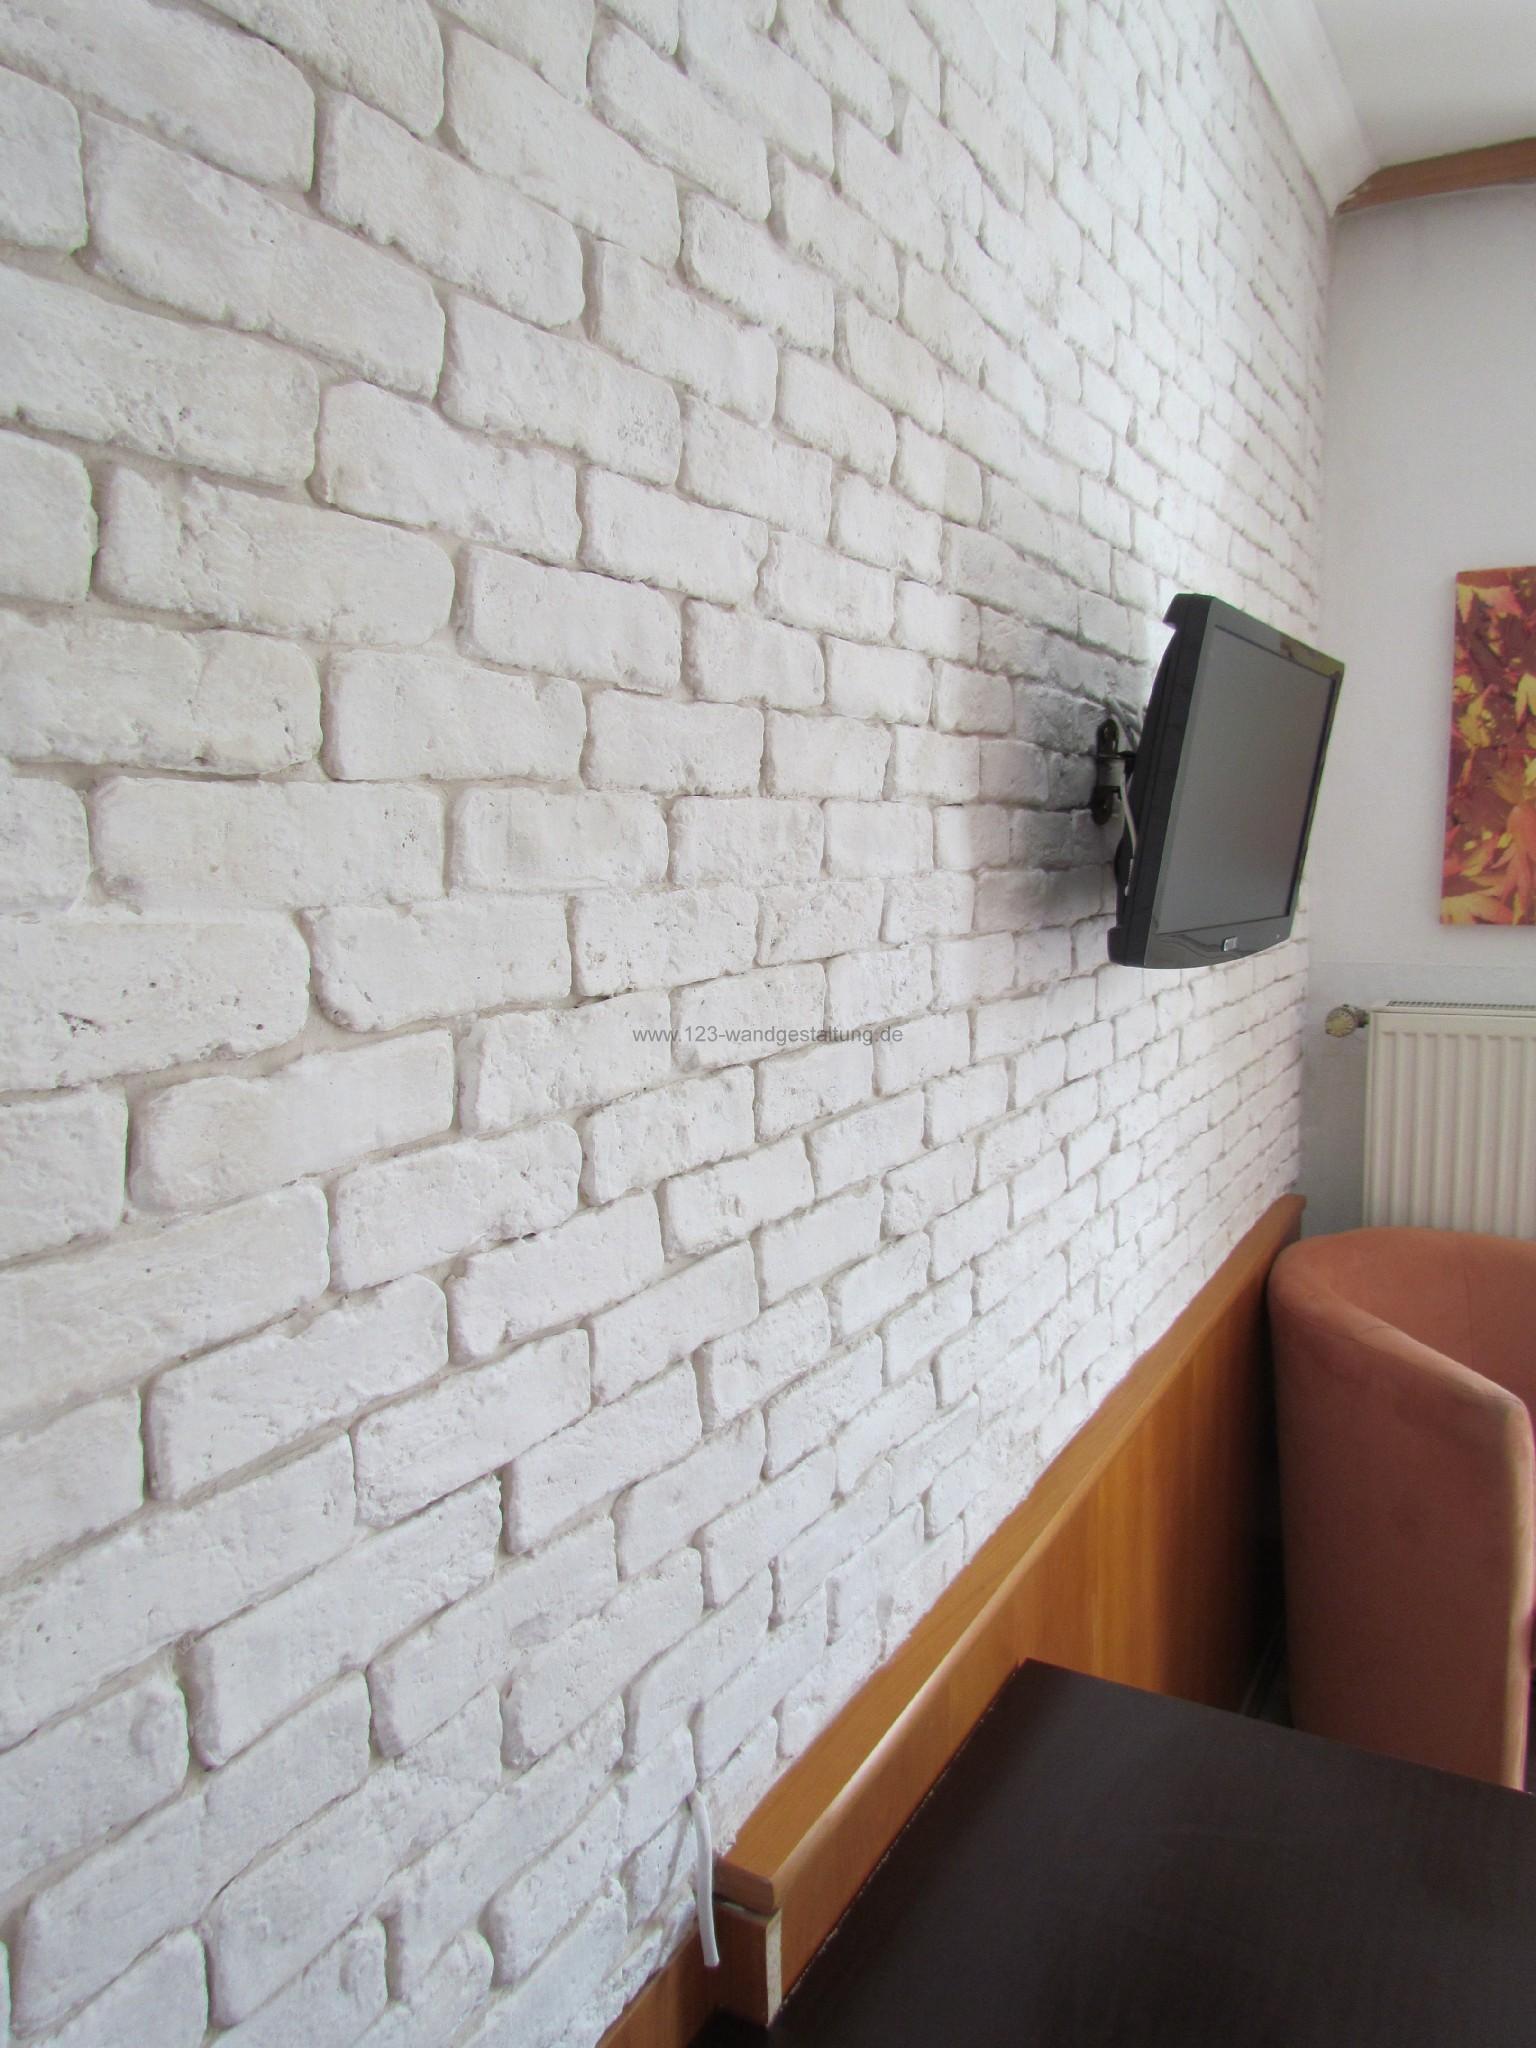 wandgestaltung in der optik einer ziegelwand in der farbe weiss. Black Bedroom Furniture Sets. Home Design Ideas